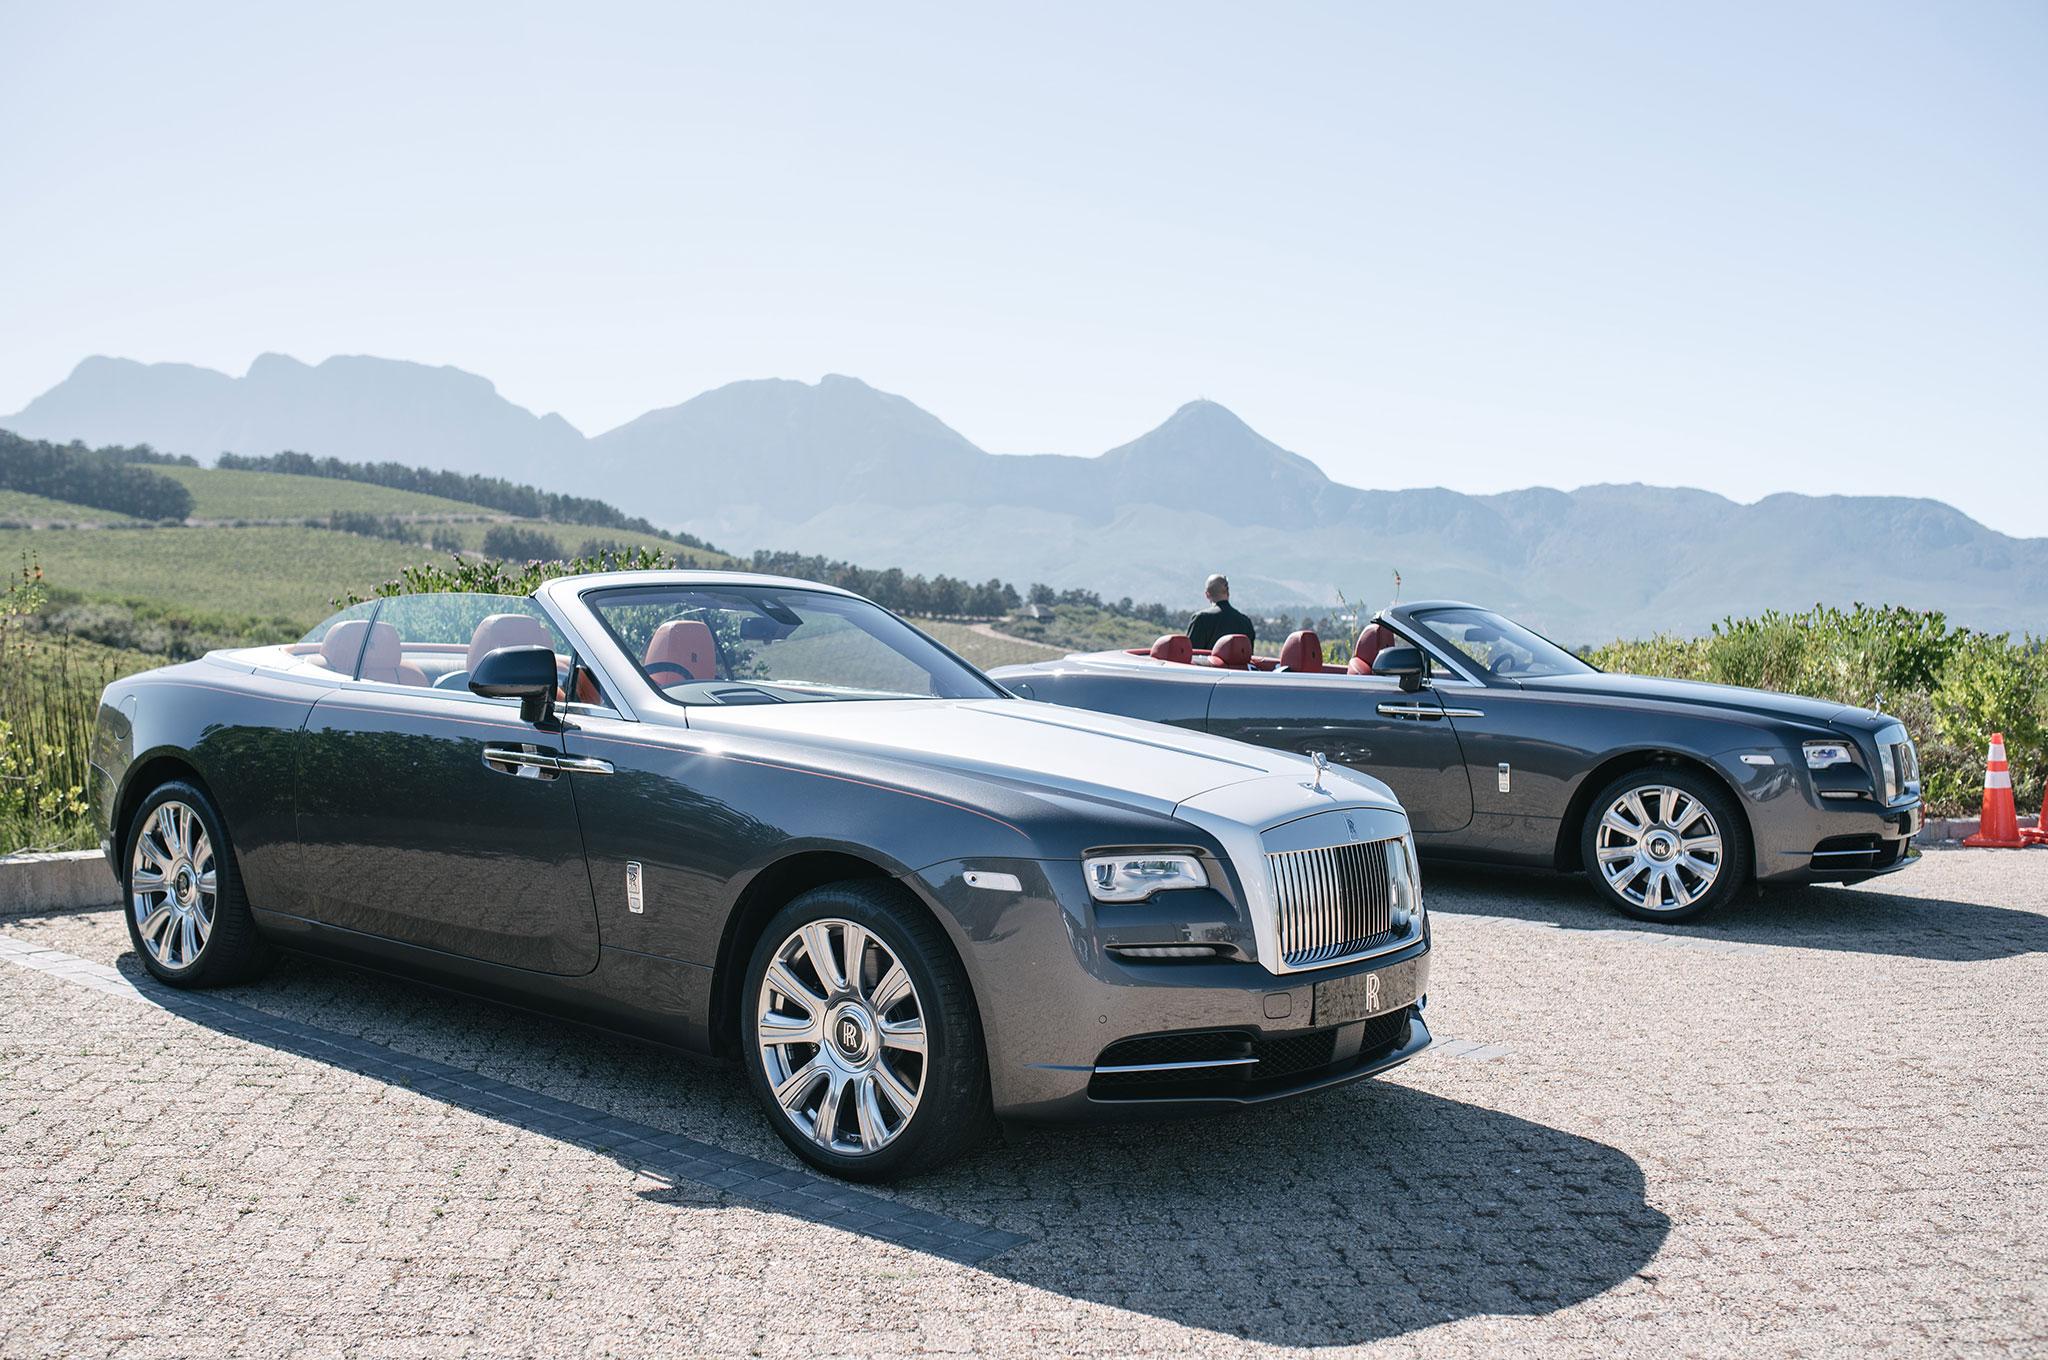 2016-Rolls-Royce-Dawn-group-02.jpg